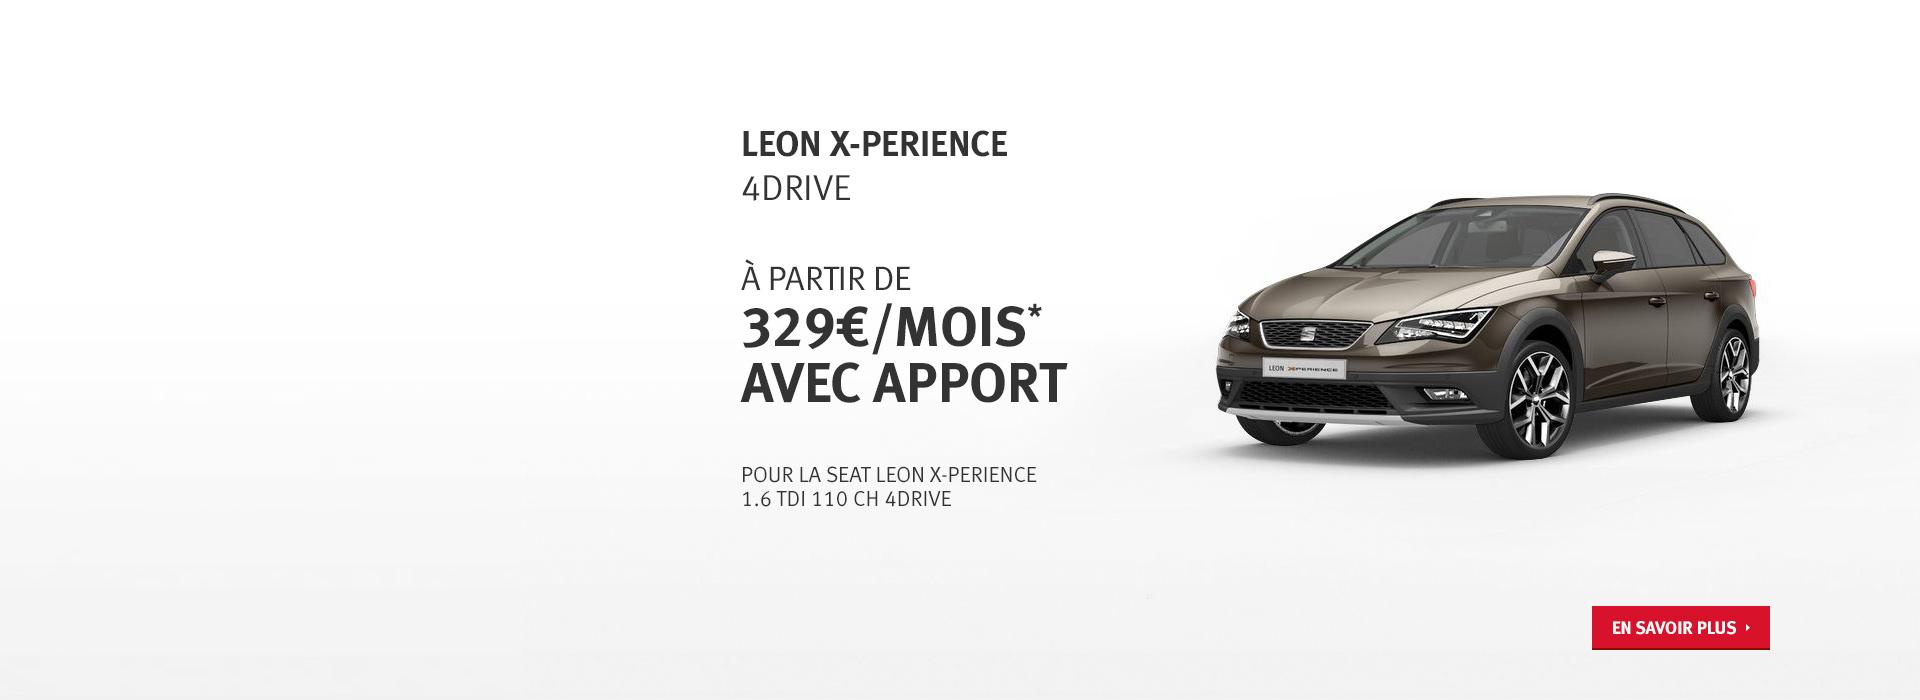 Offre Leon X-PERIENCE